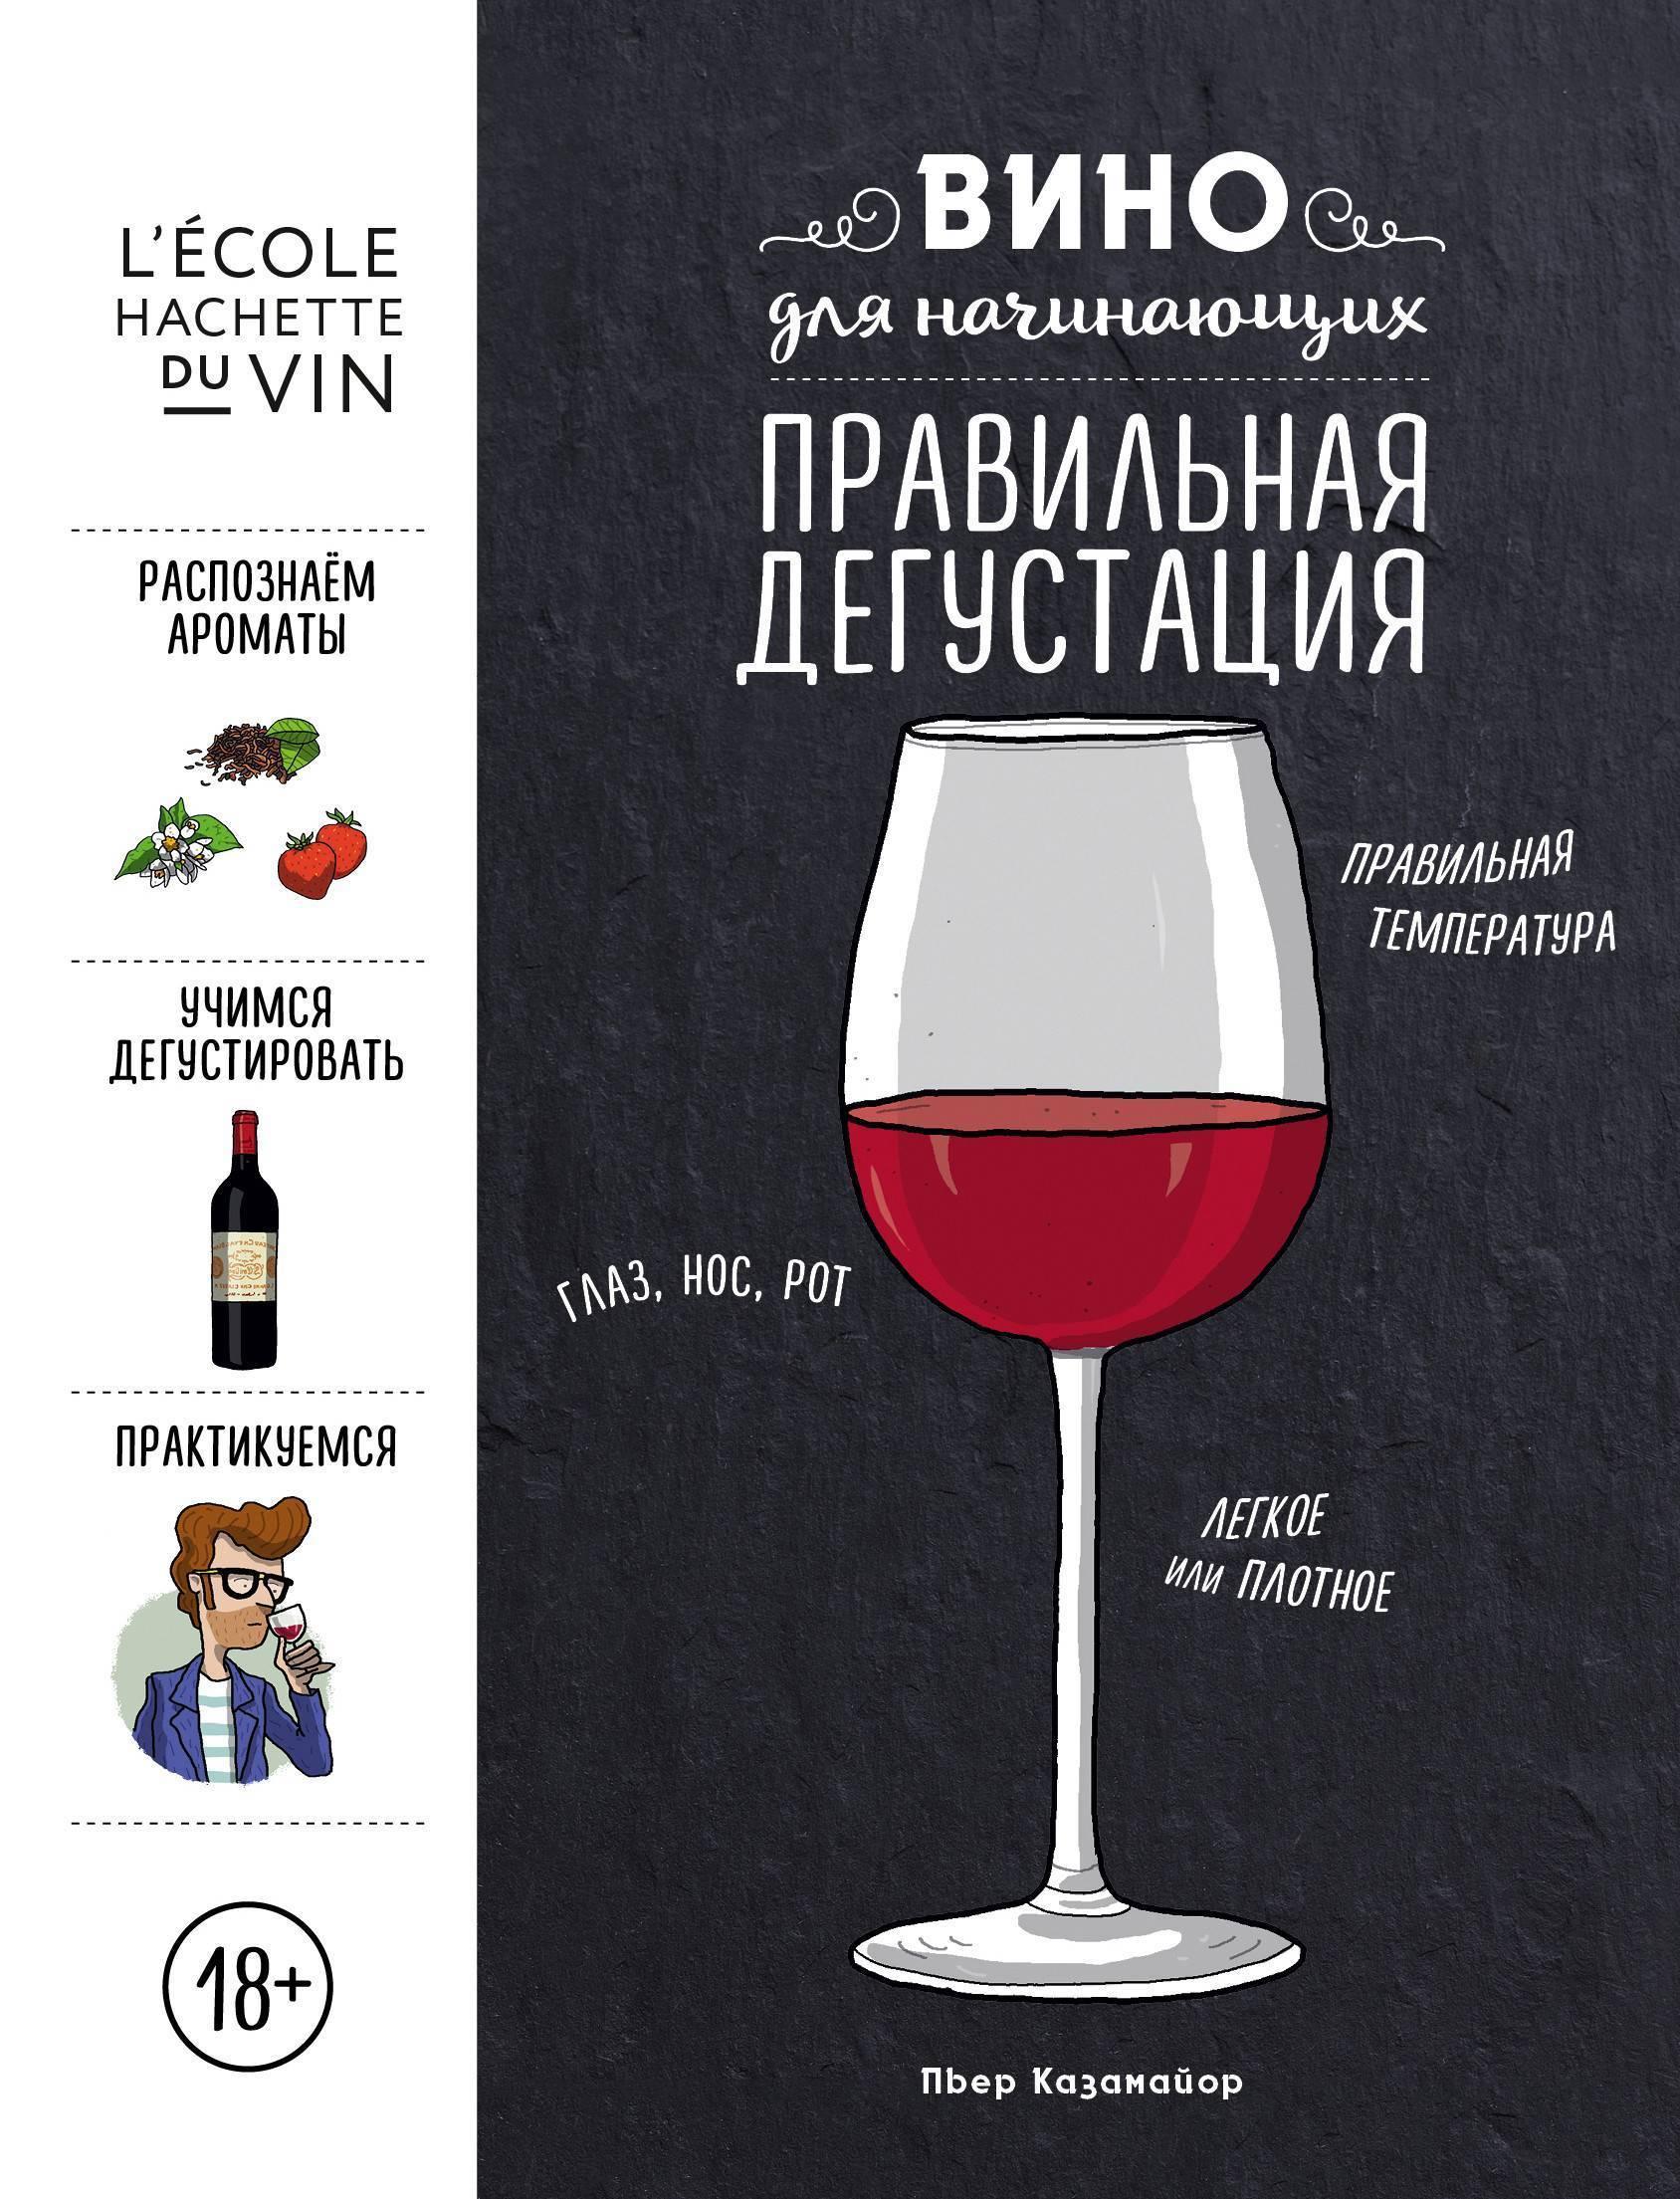 Дегустация вина: в компании друзей и в одиночку. как дегустировать вино  на вкус